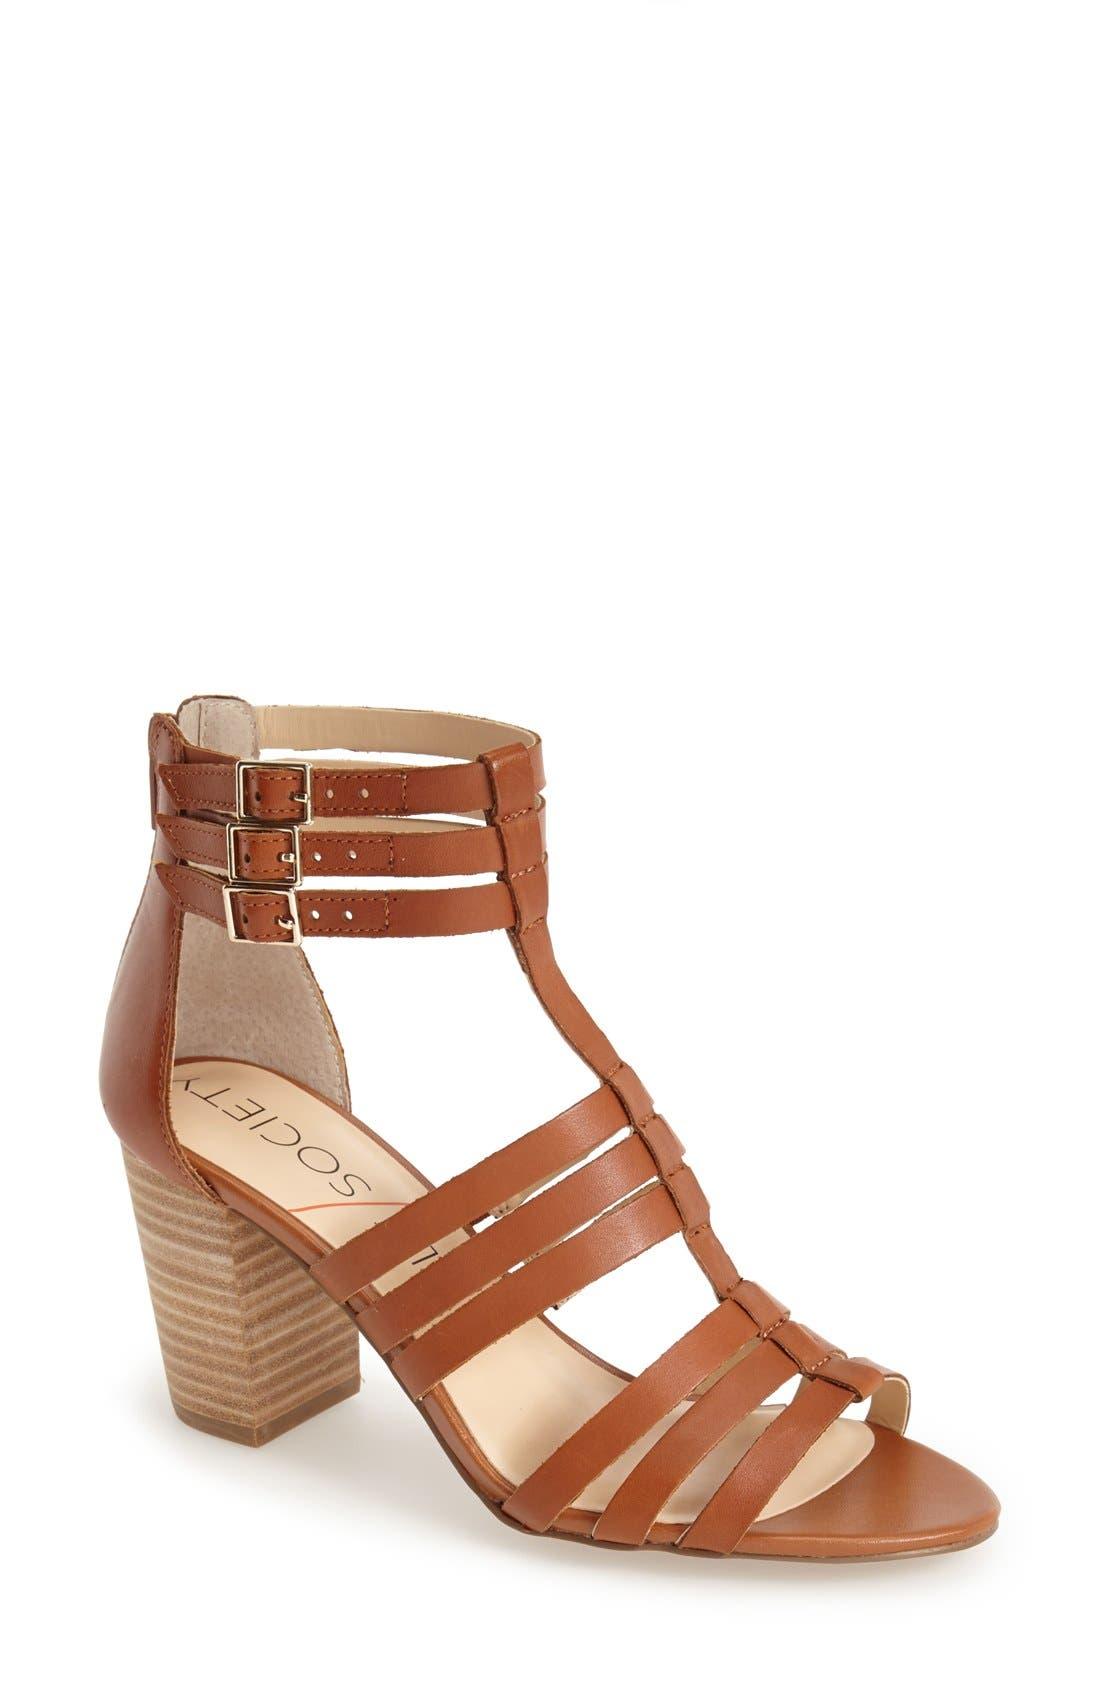 Main Image - Sole Society 'Elise' Gladiator Sandal (Women)